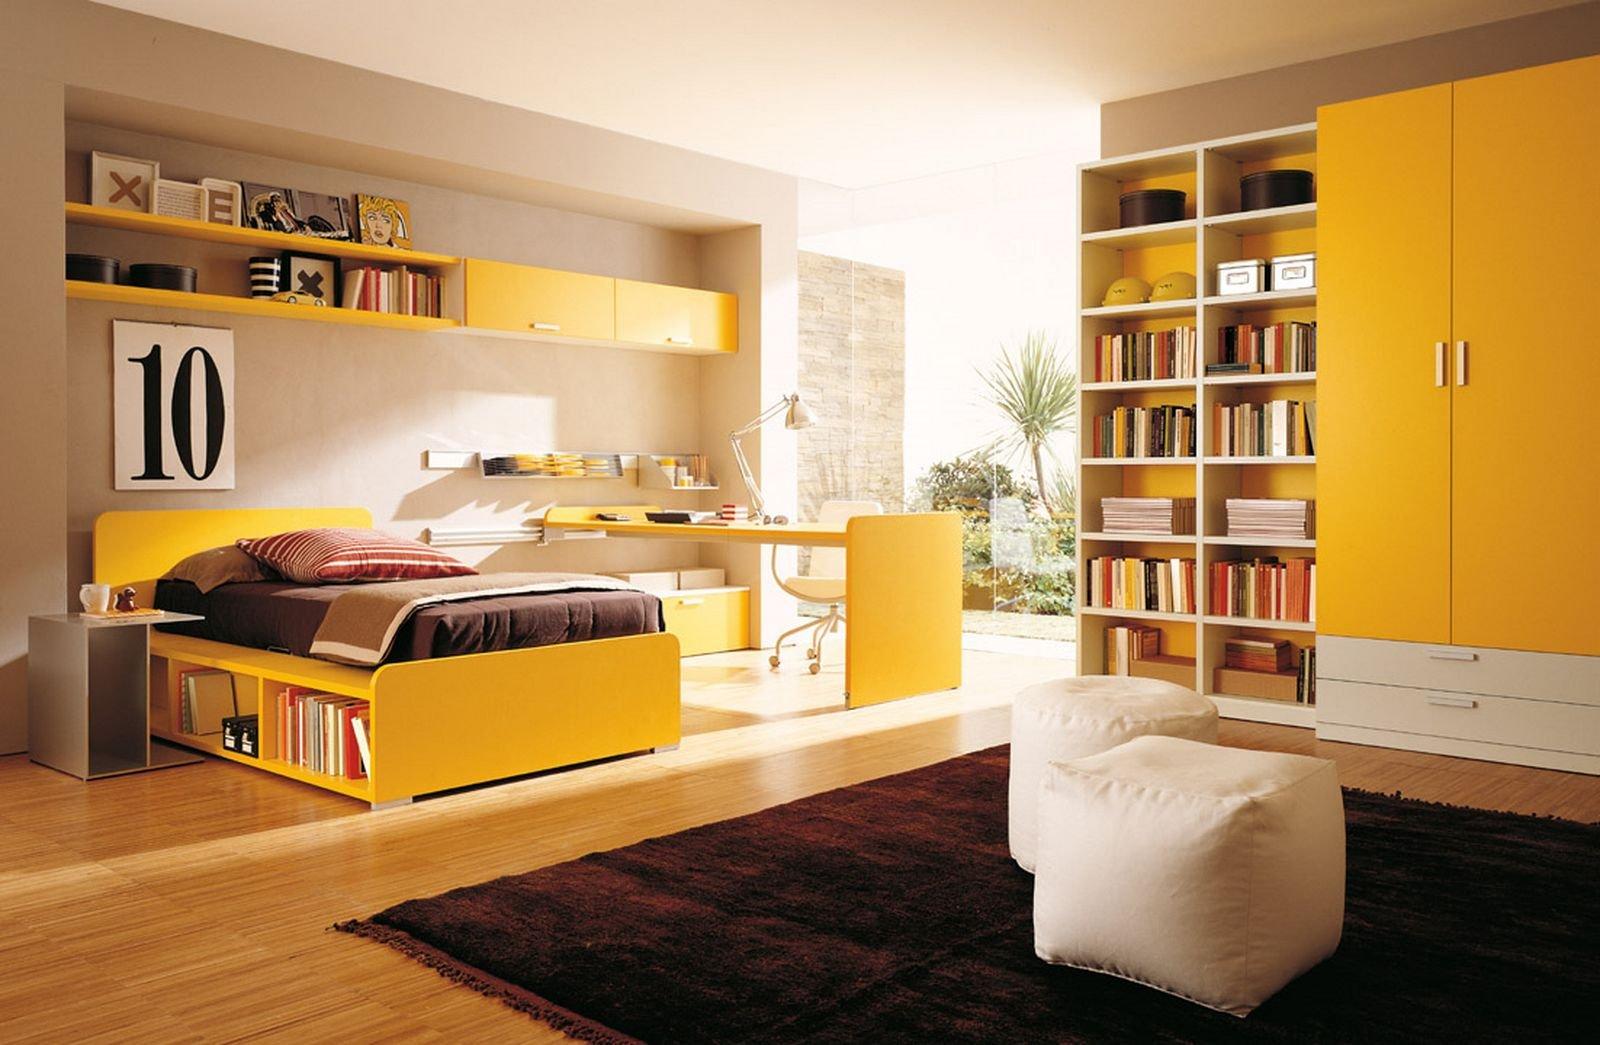 De qu color pinto mi recamara habitaciones color - Habitaciones amarillas ...